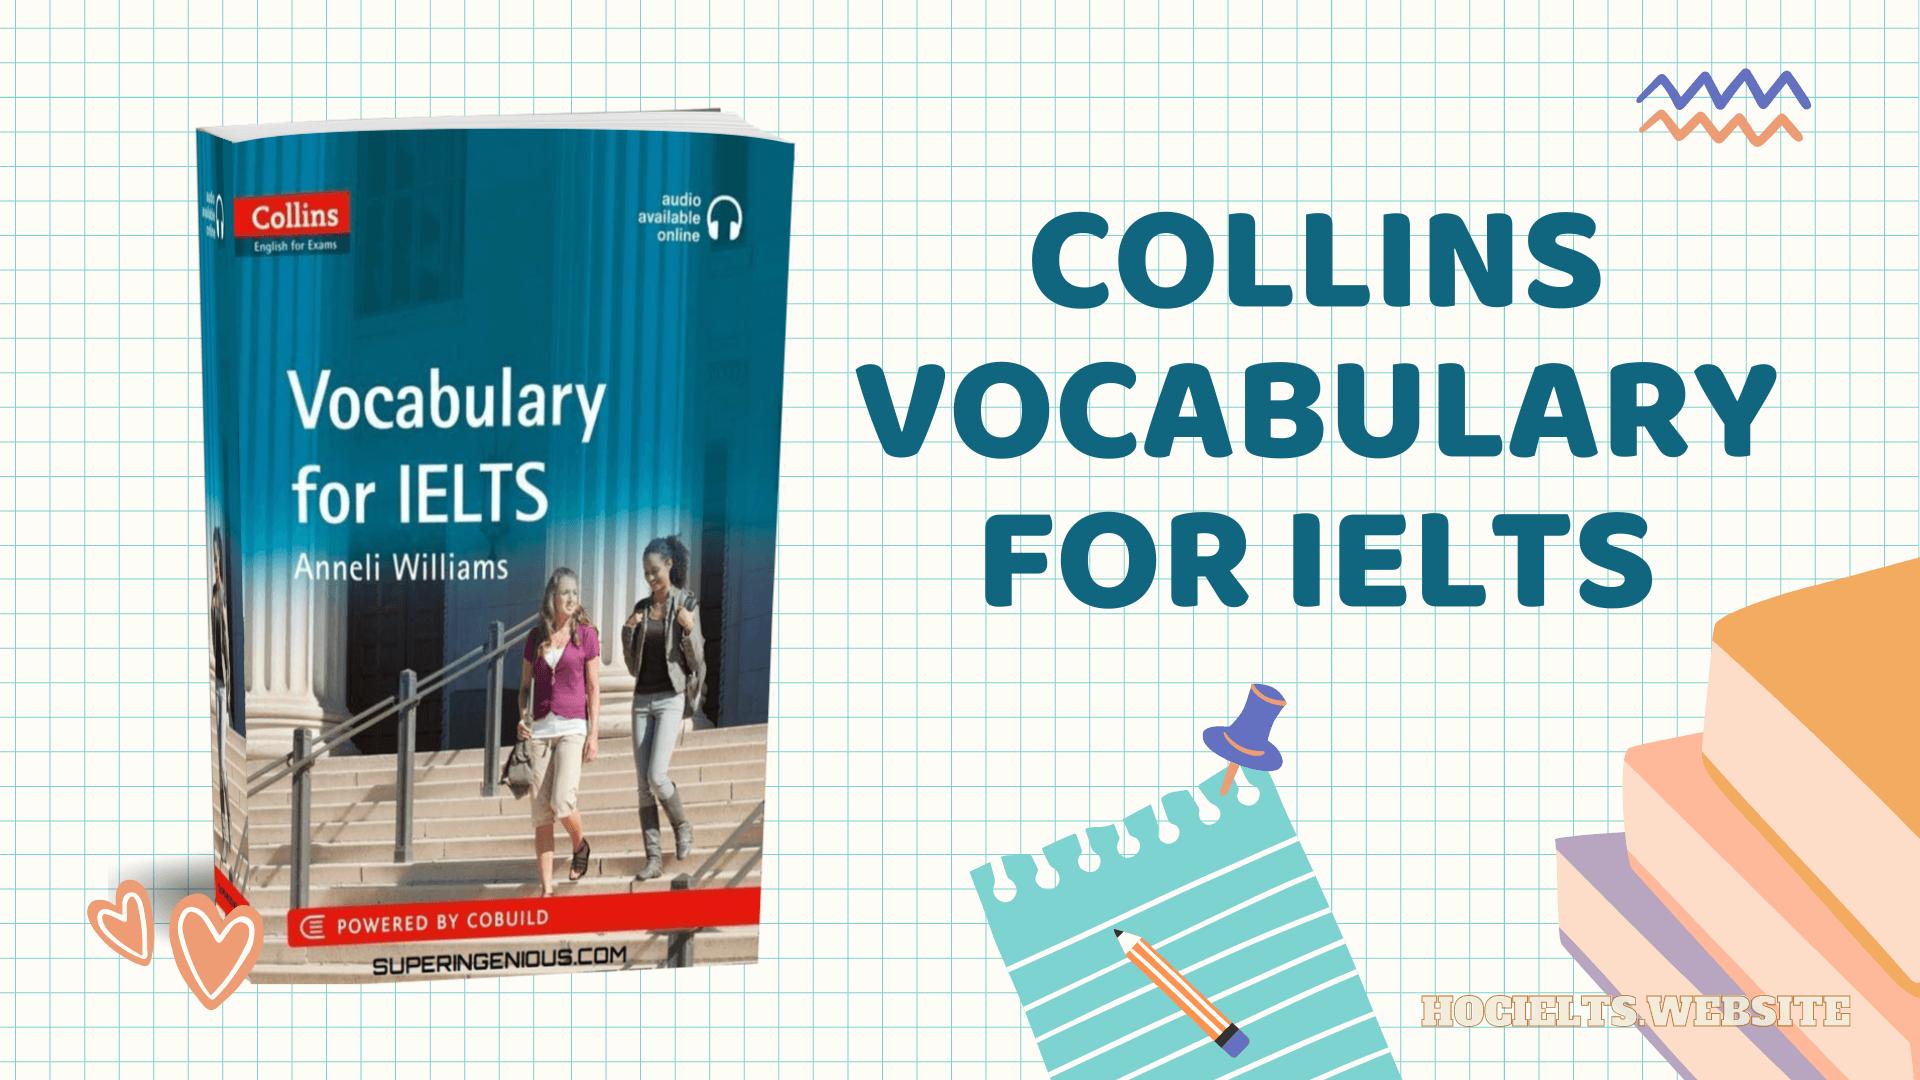 tai-lieu-luyen-thi-ielts-4-0-vocabulary